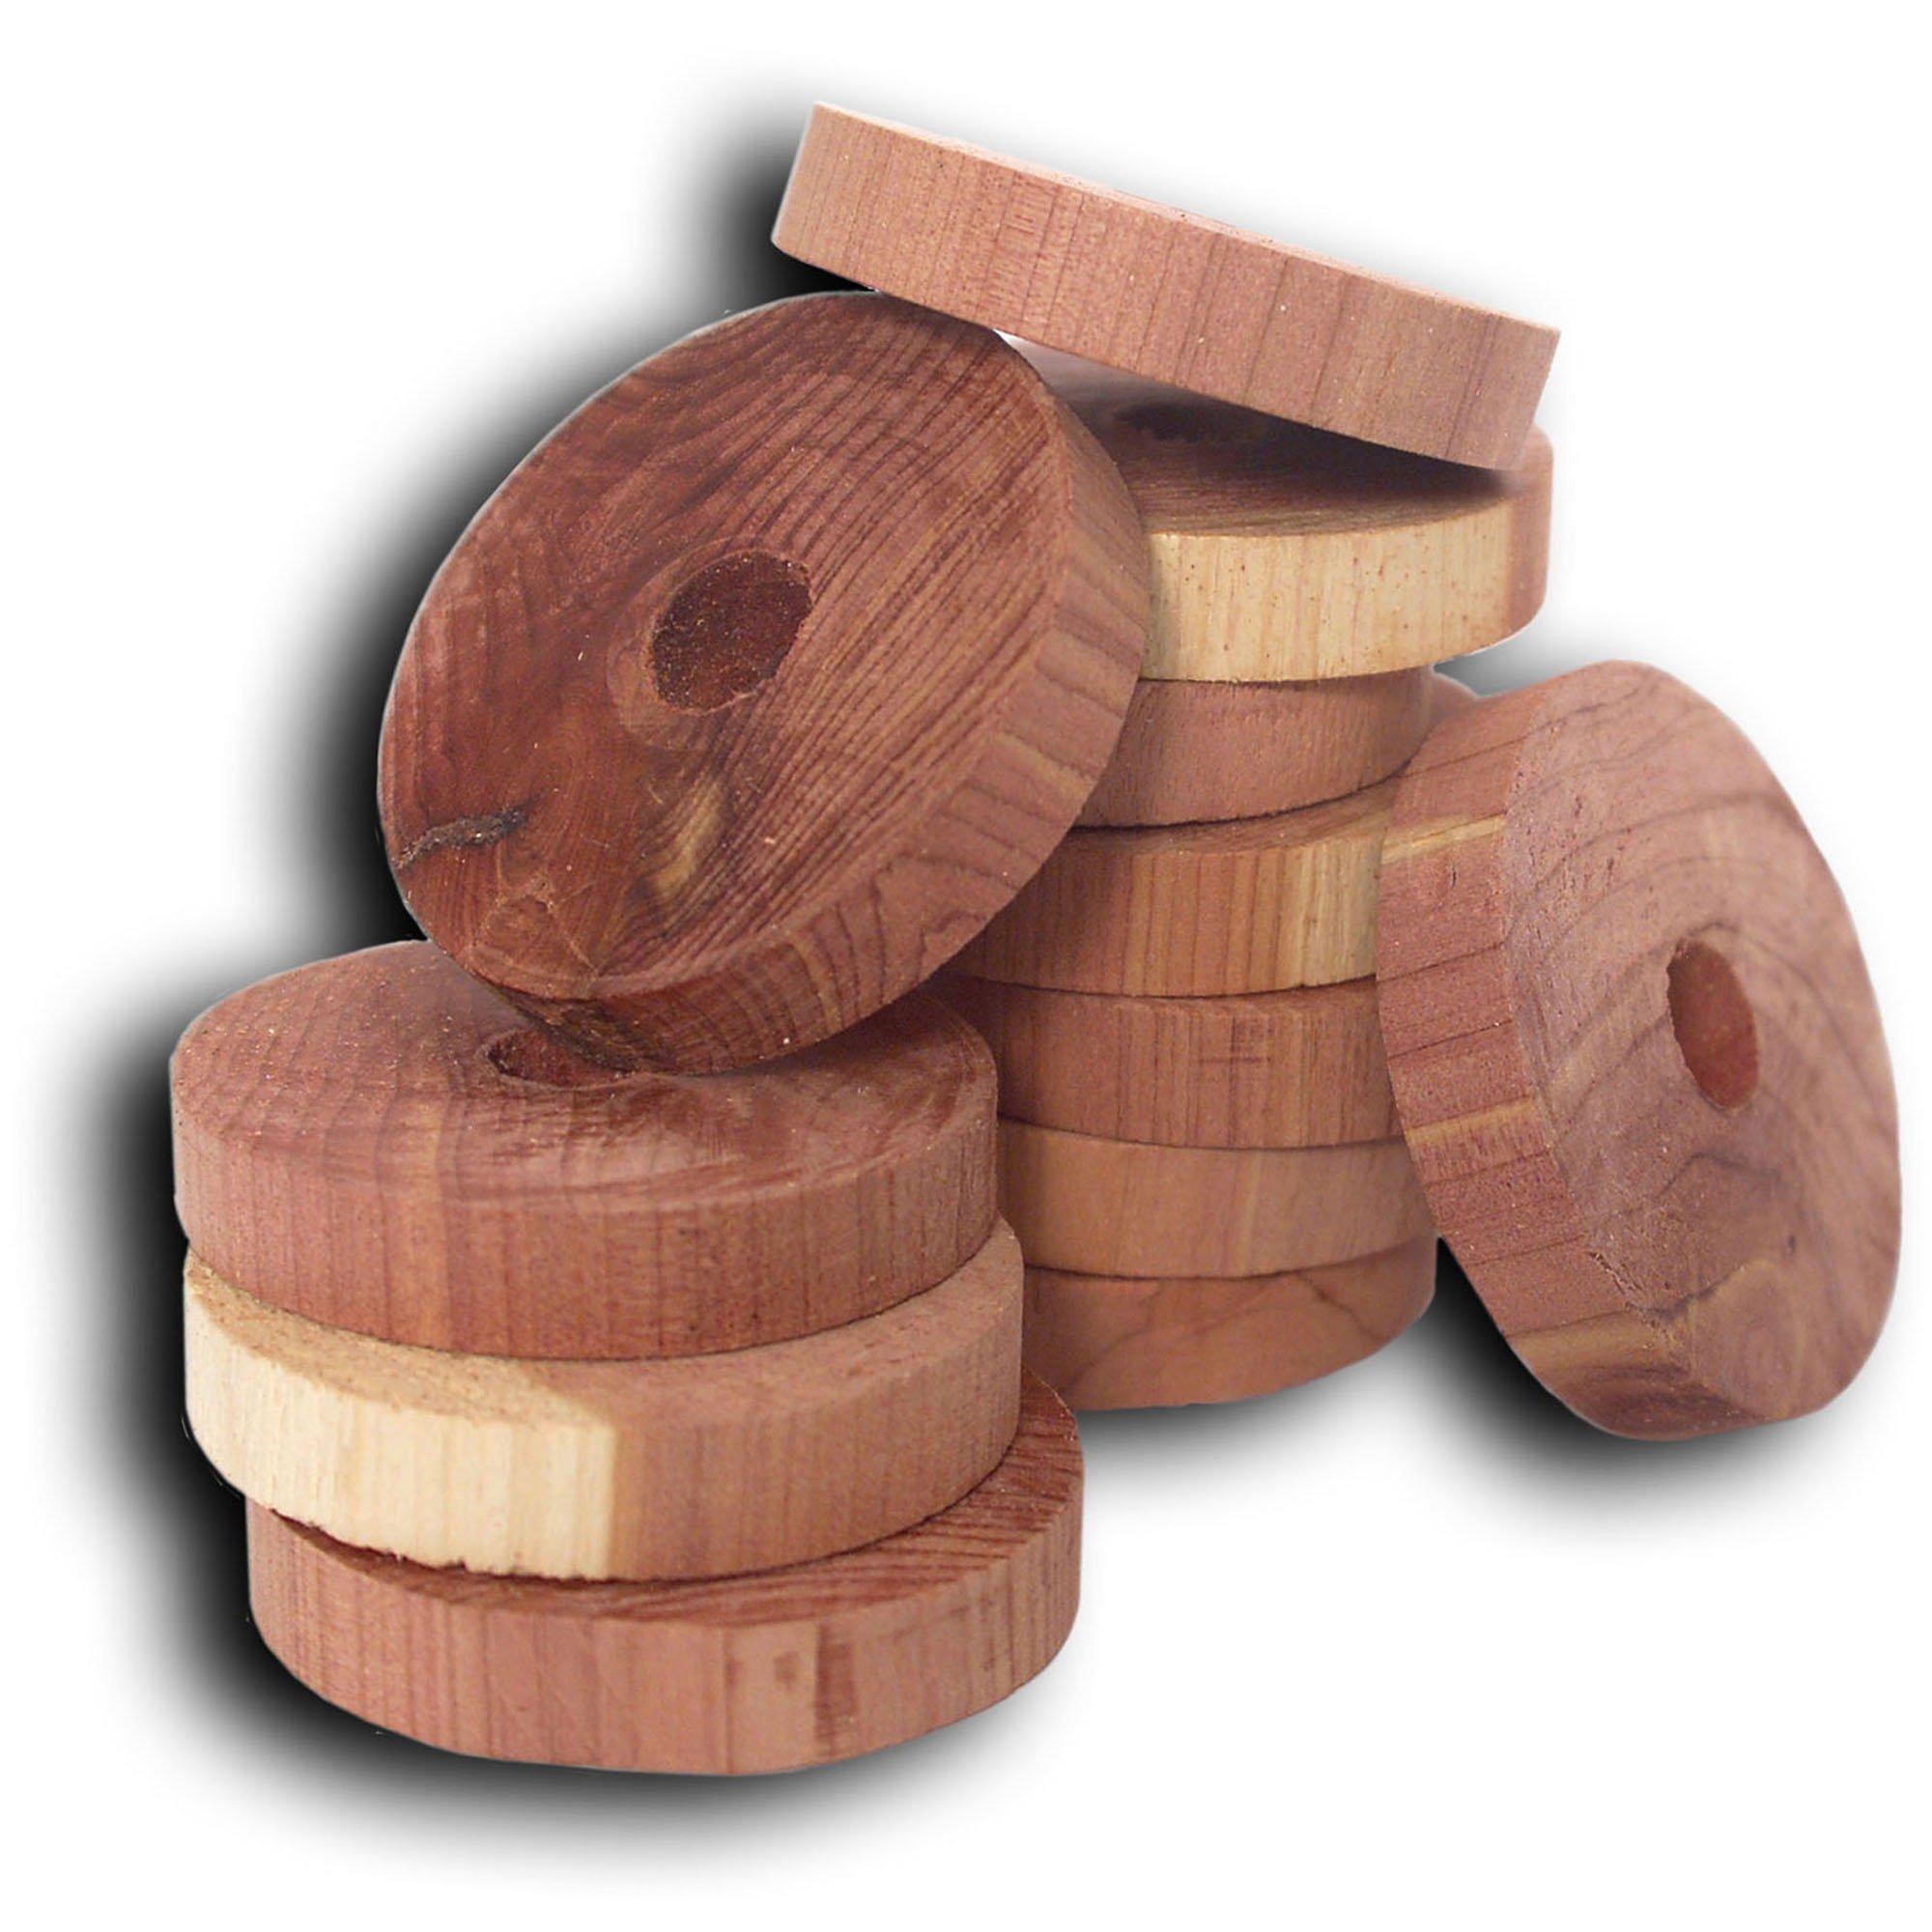 Household Essentials 14316-1 Cedar Fresh Red Cedar Wood Rings for Hangers | Set of 20